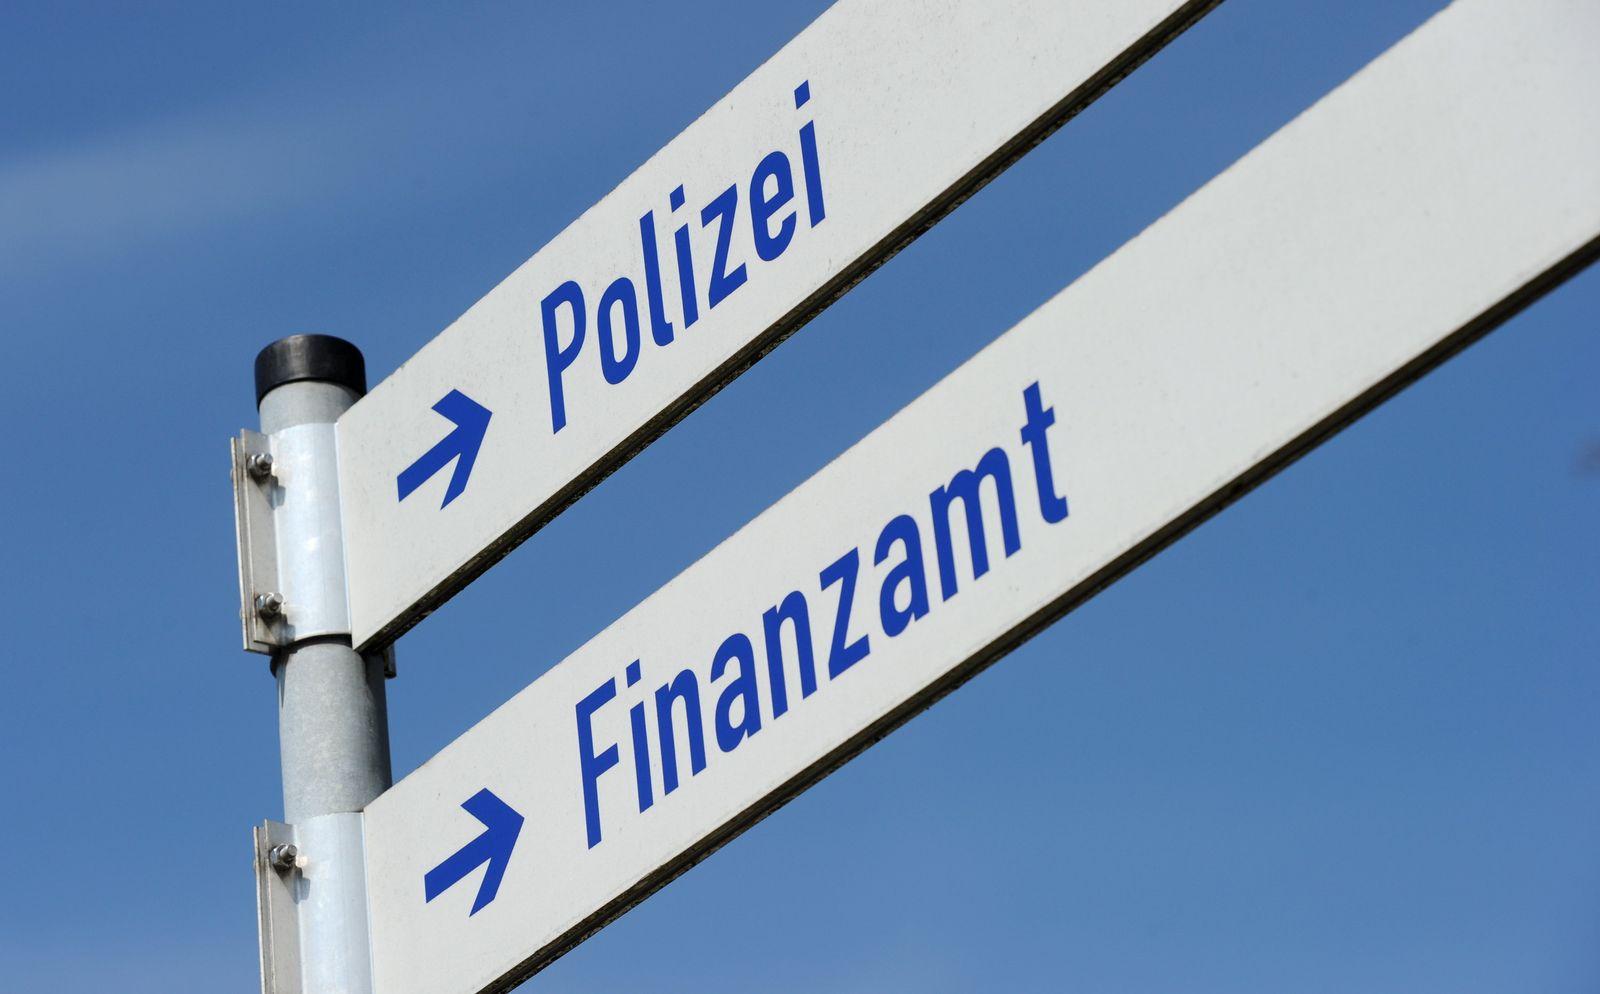 Selbstanzeige / Schilder Finanzamt und Polizei